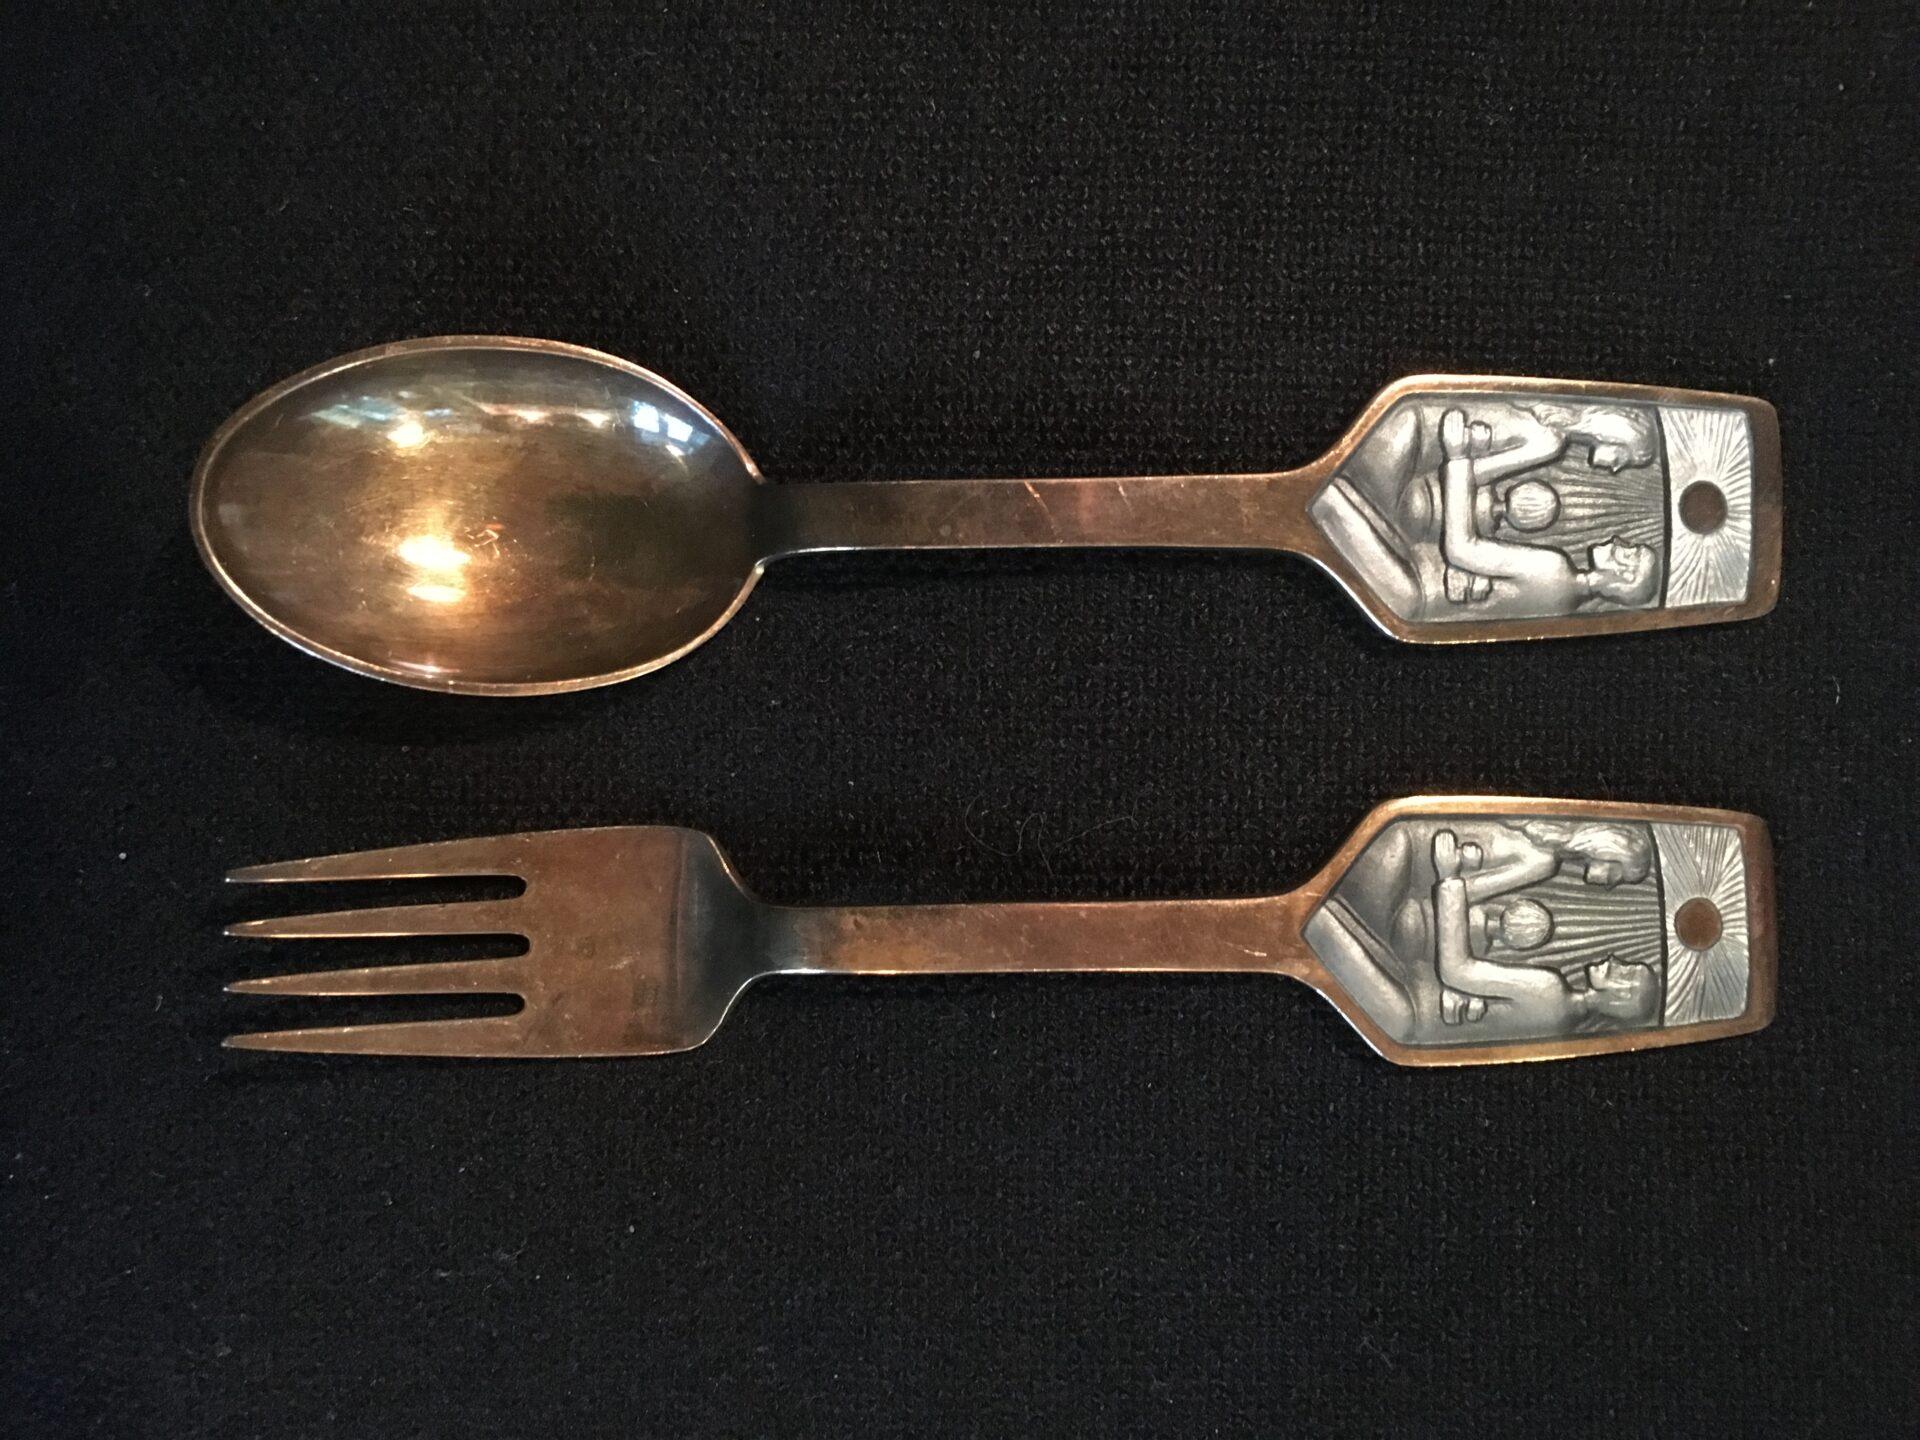 A. Michelse, juleske+gaffel, årg. 73, i alt 500kr (design Ib Spang Olsen)